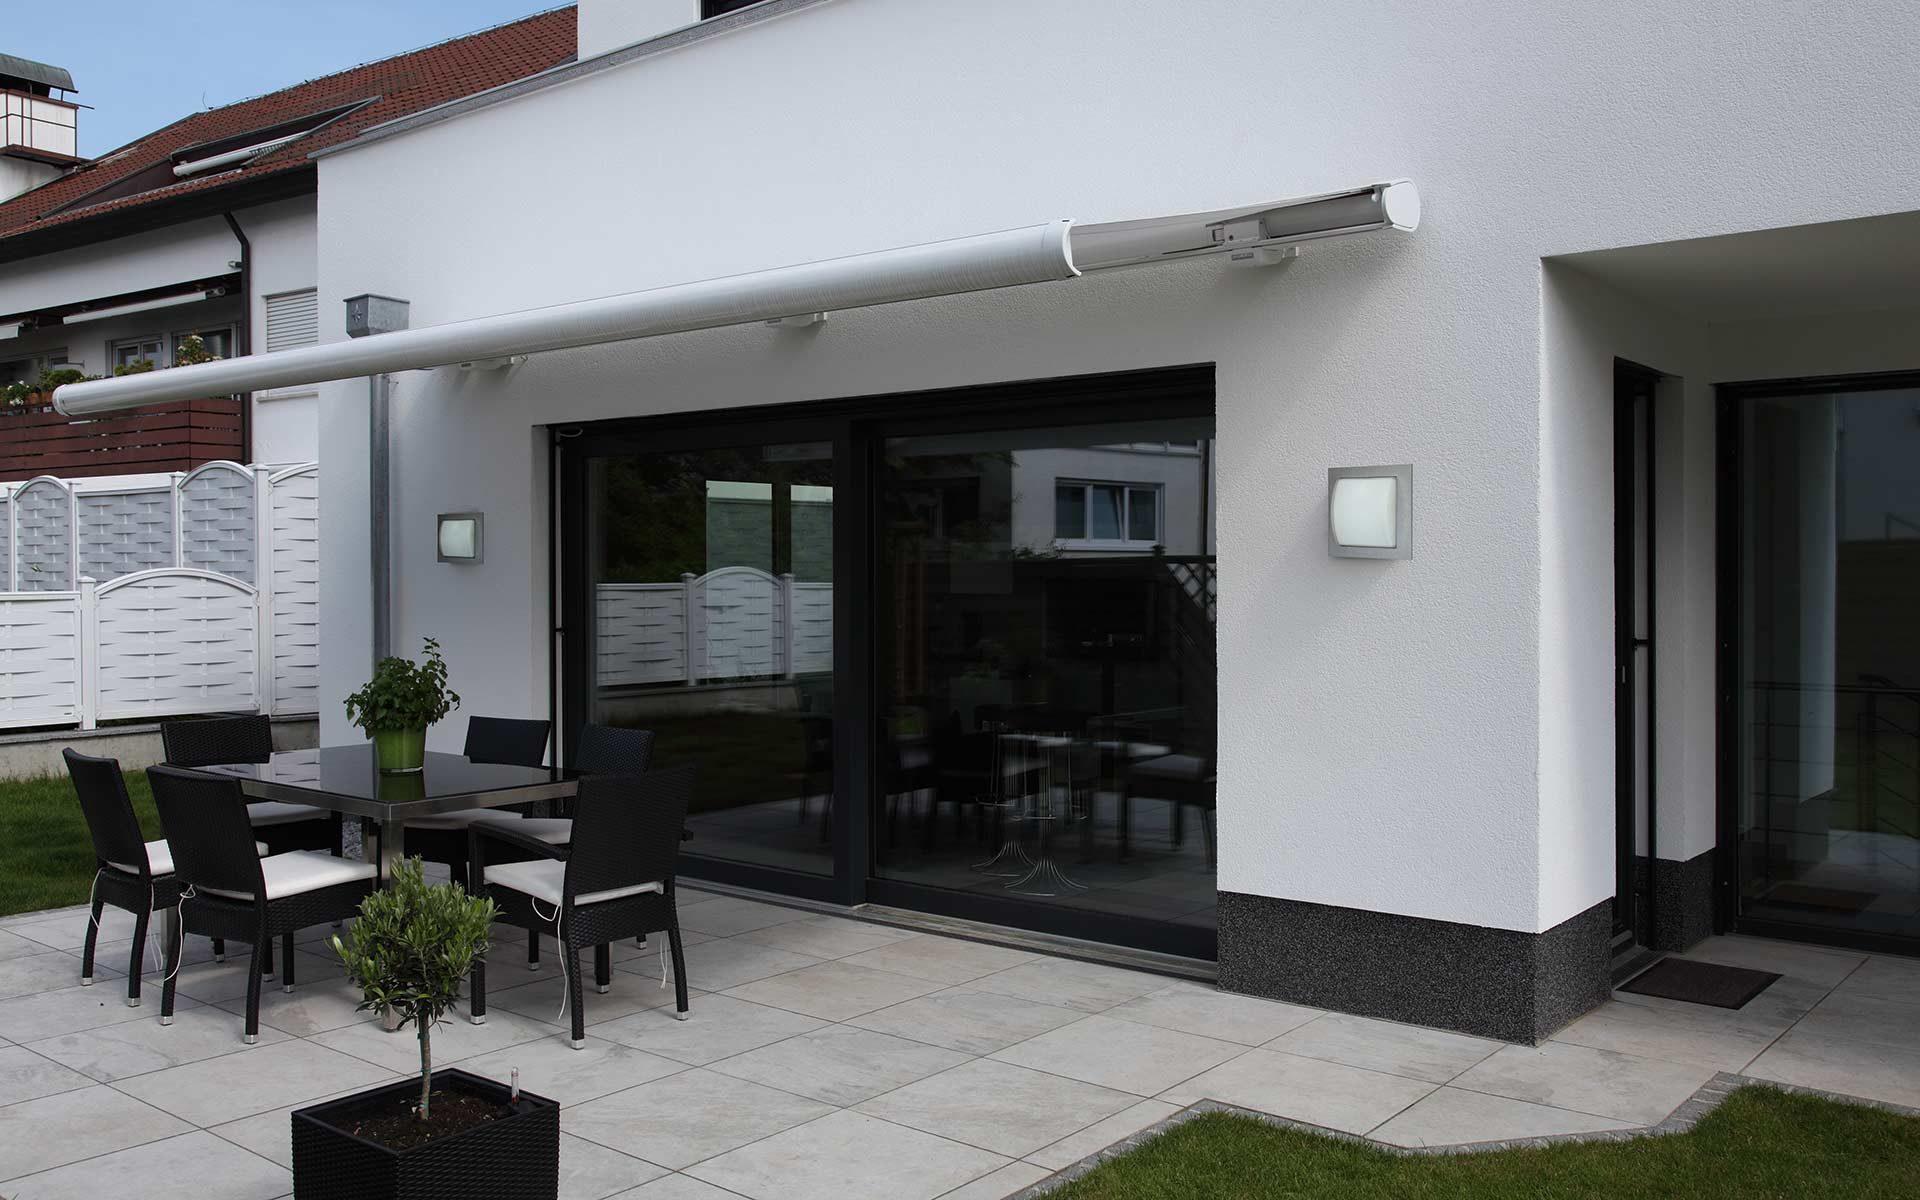 Eine moderne Terrasse mit einer Markise wird durch zwei Albert-Wandleuchten optisch ergänzt.